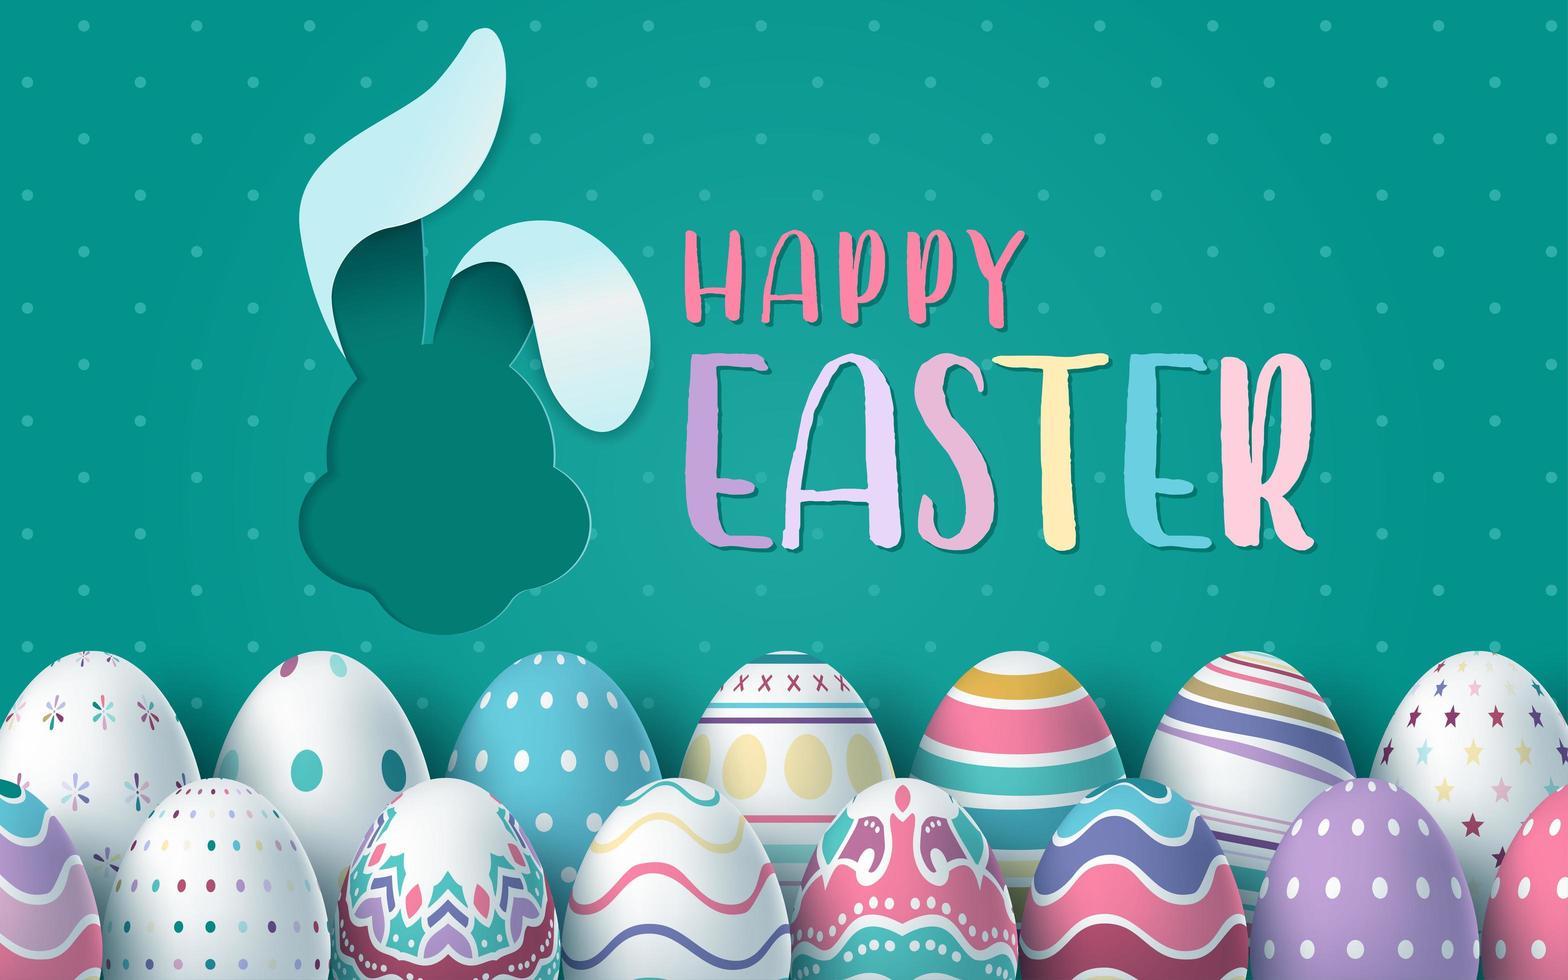 Osterkarte mit ausgeschnittener Kaninchenform und Eiern vektor